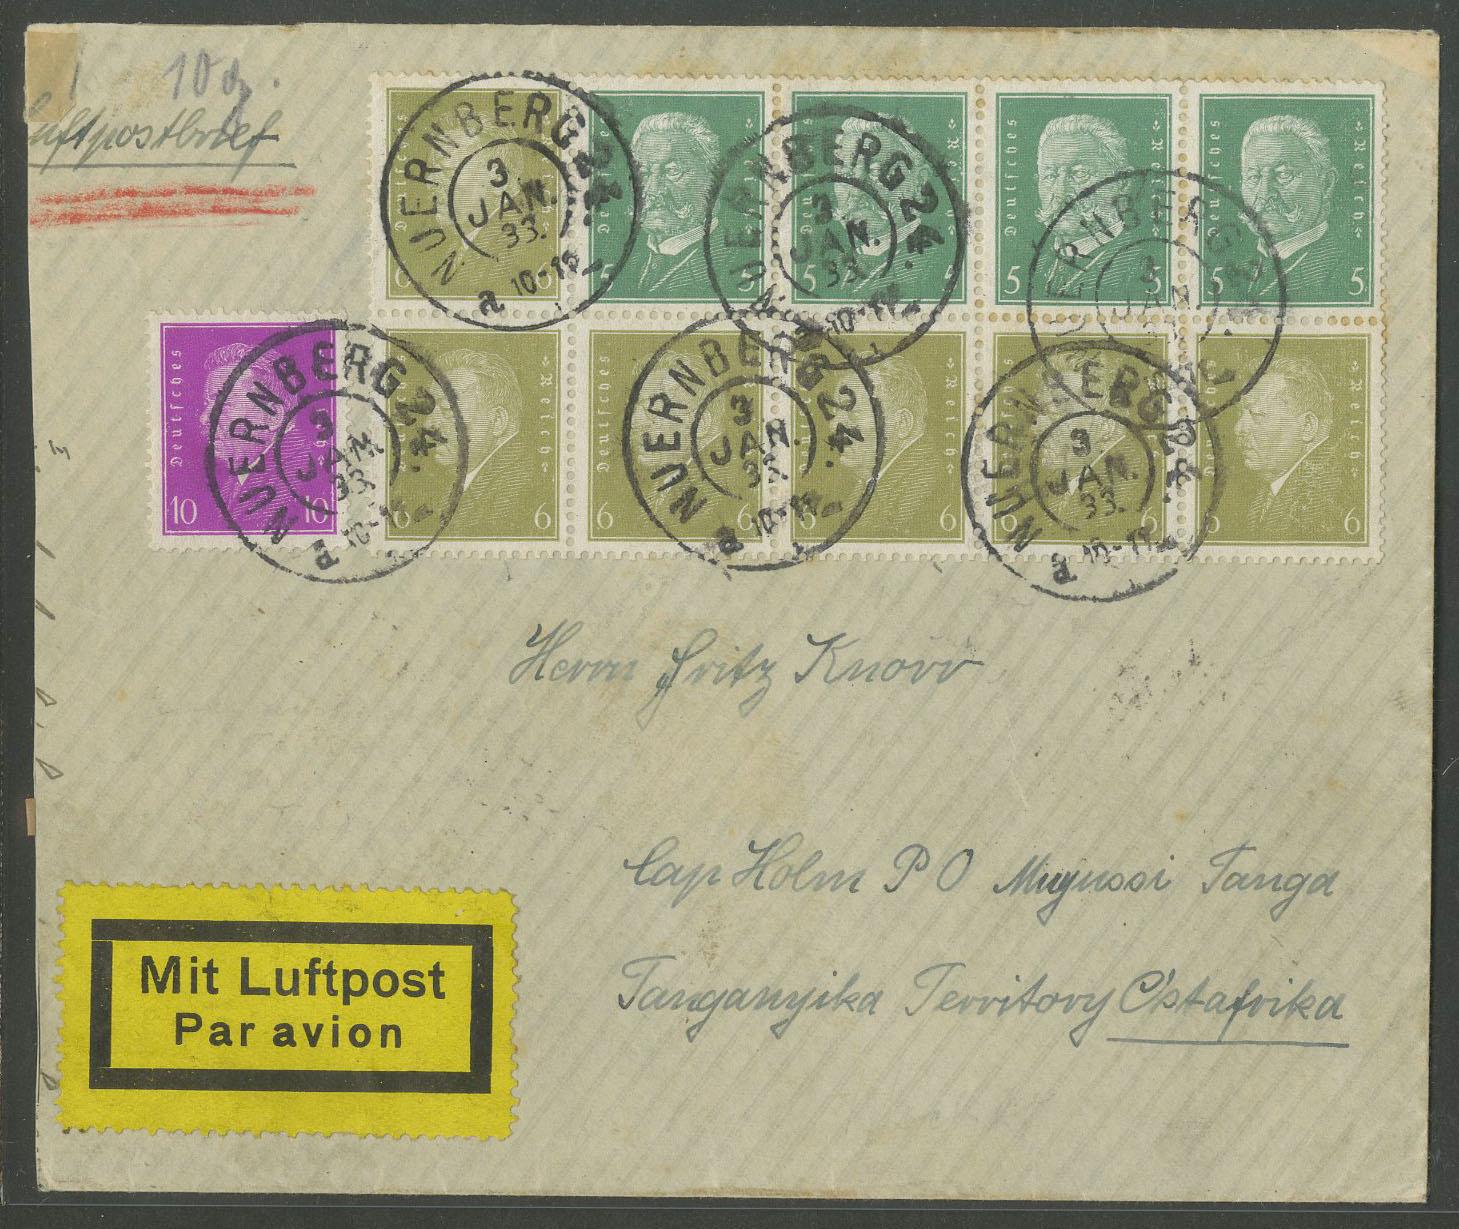 Briefe Mit Luftpost : Dt reich hbl luftpost brief nach tanganyika mi